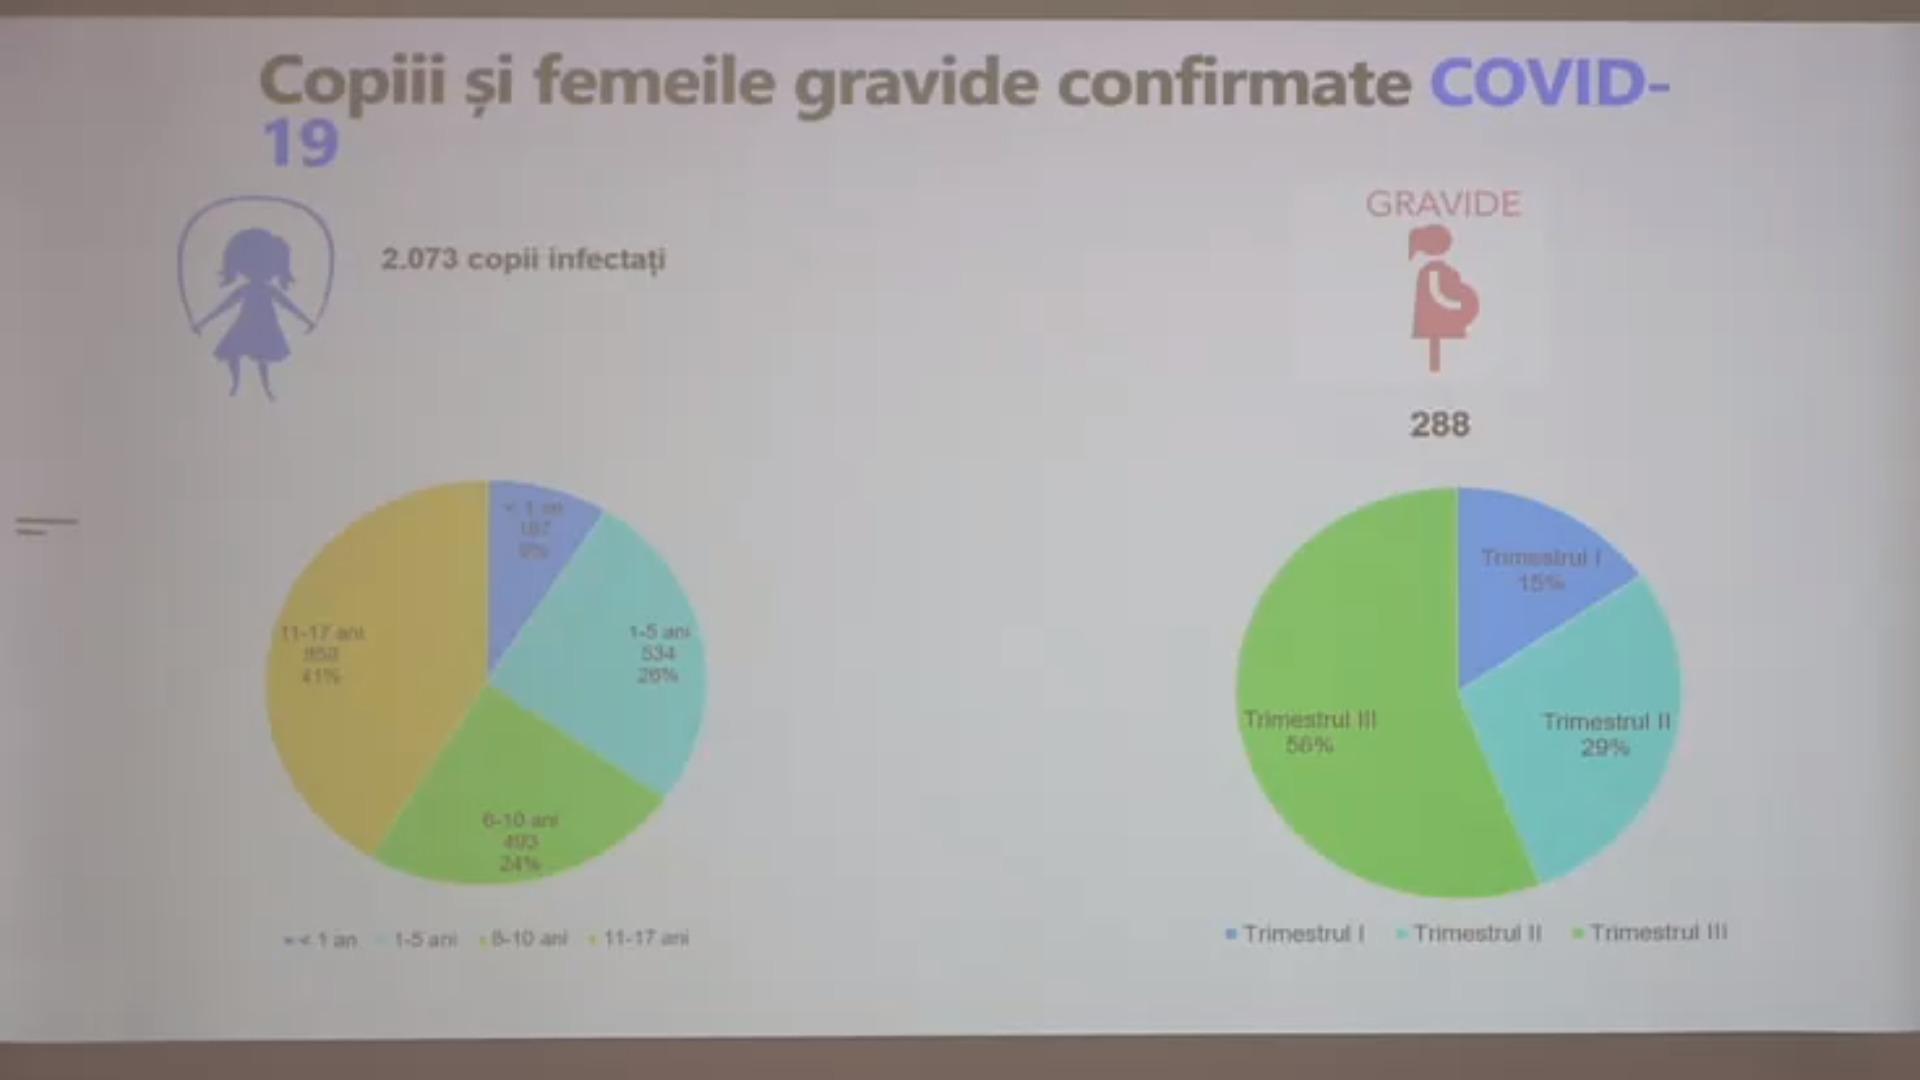 Peste 2 000 de copii și aproape 300 de gravide din Moldova s-au infectat cu noul coronavirus